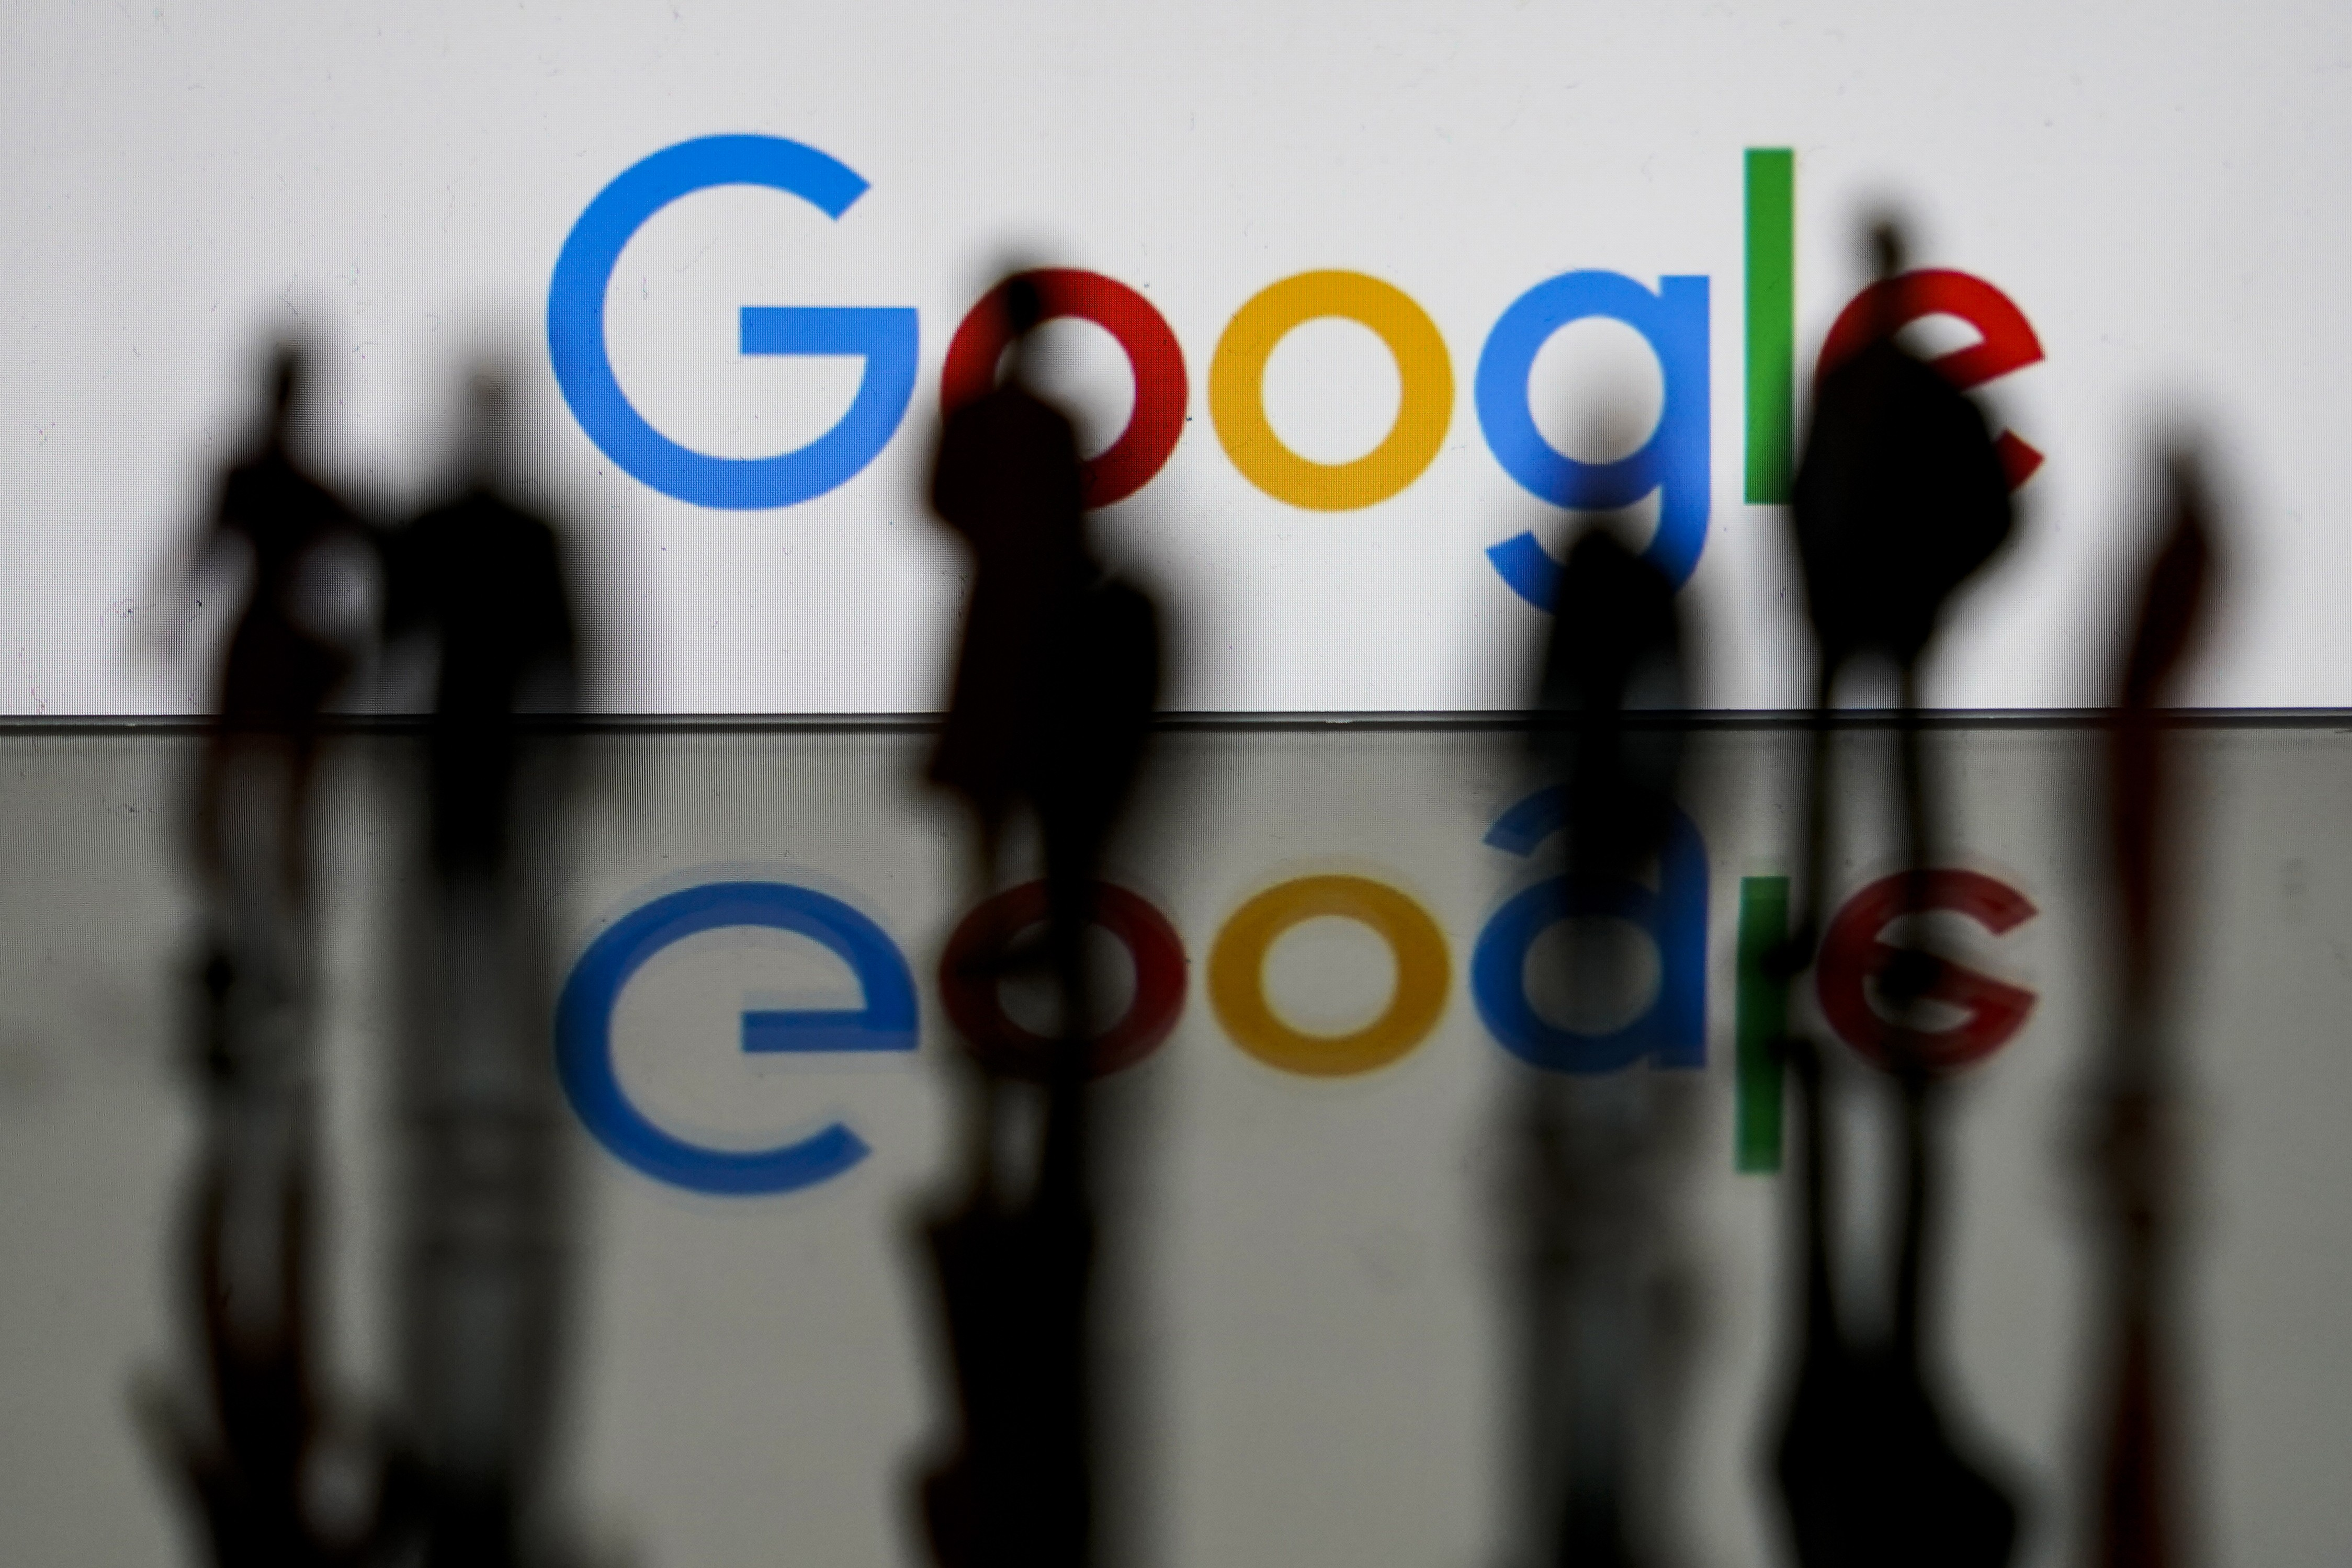 Justiça alemã dá vitória a Google sobre 'direito de ser esquecido'